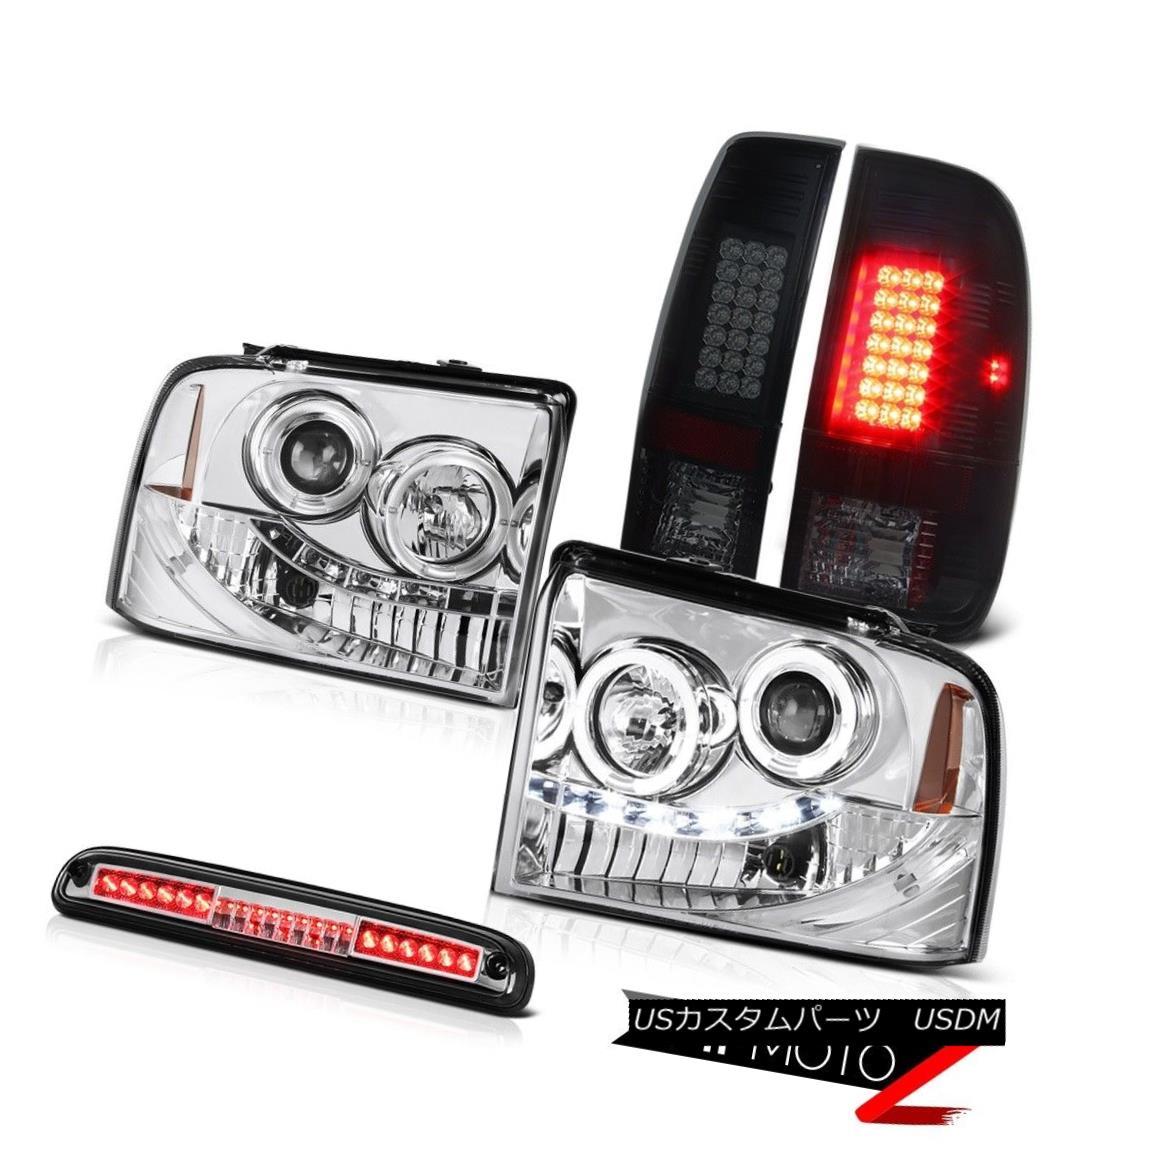 テールライト Projector Headlight Smoke LED Tail Light Lamp Roof Stop Clear 05 06 07 Ford F350 プロジェクターヘッドライト煙LEDテールライトランプルーフストップクリア05 06 07 Ford F350